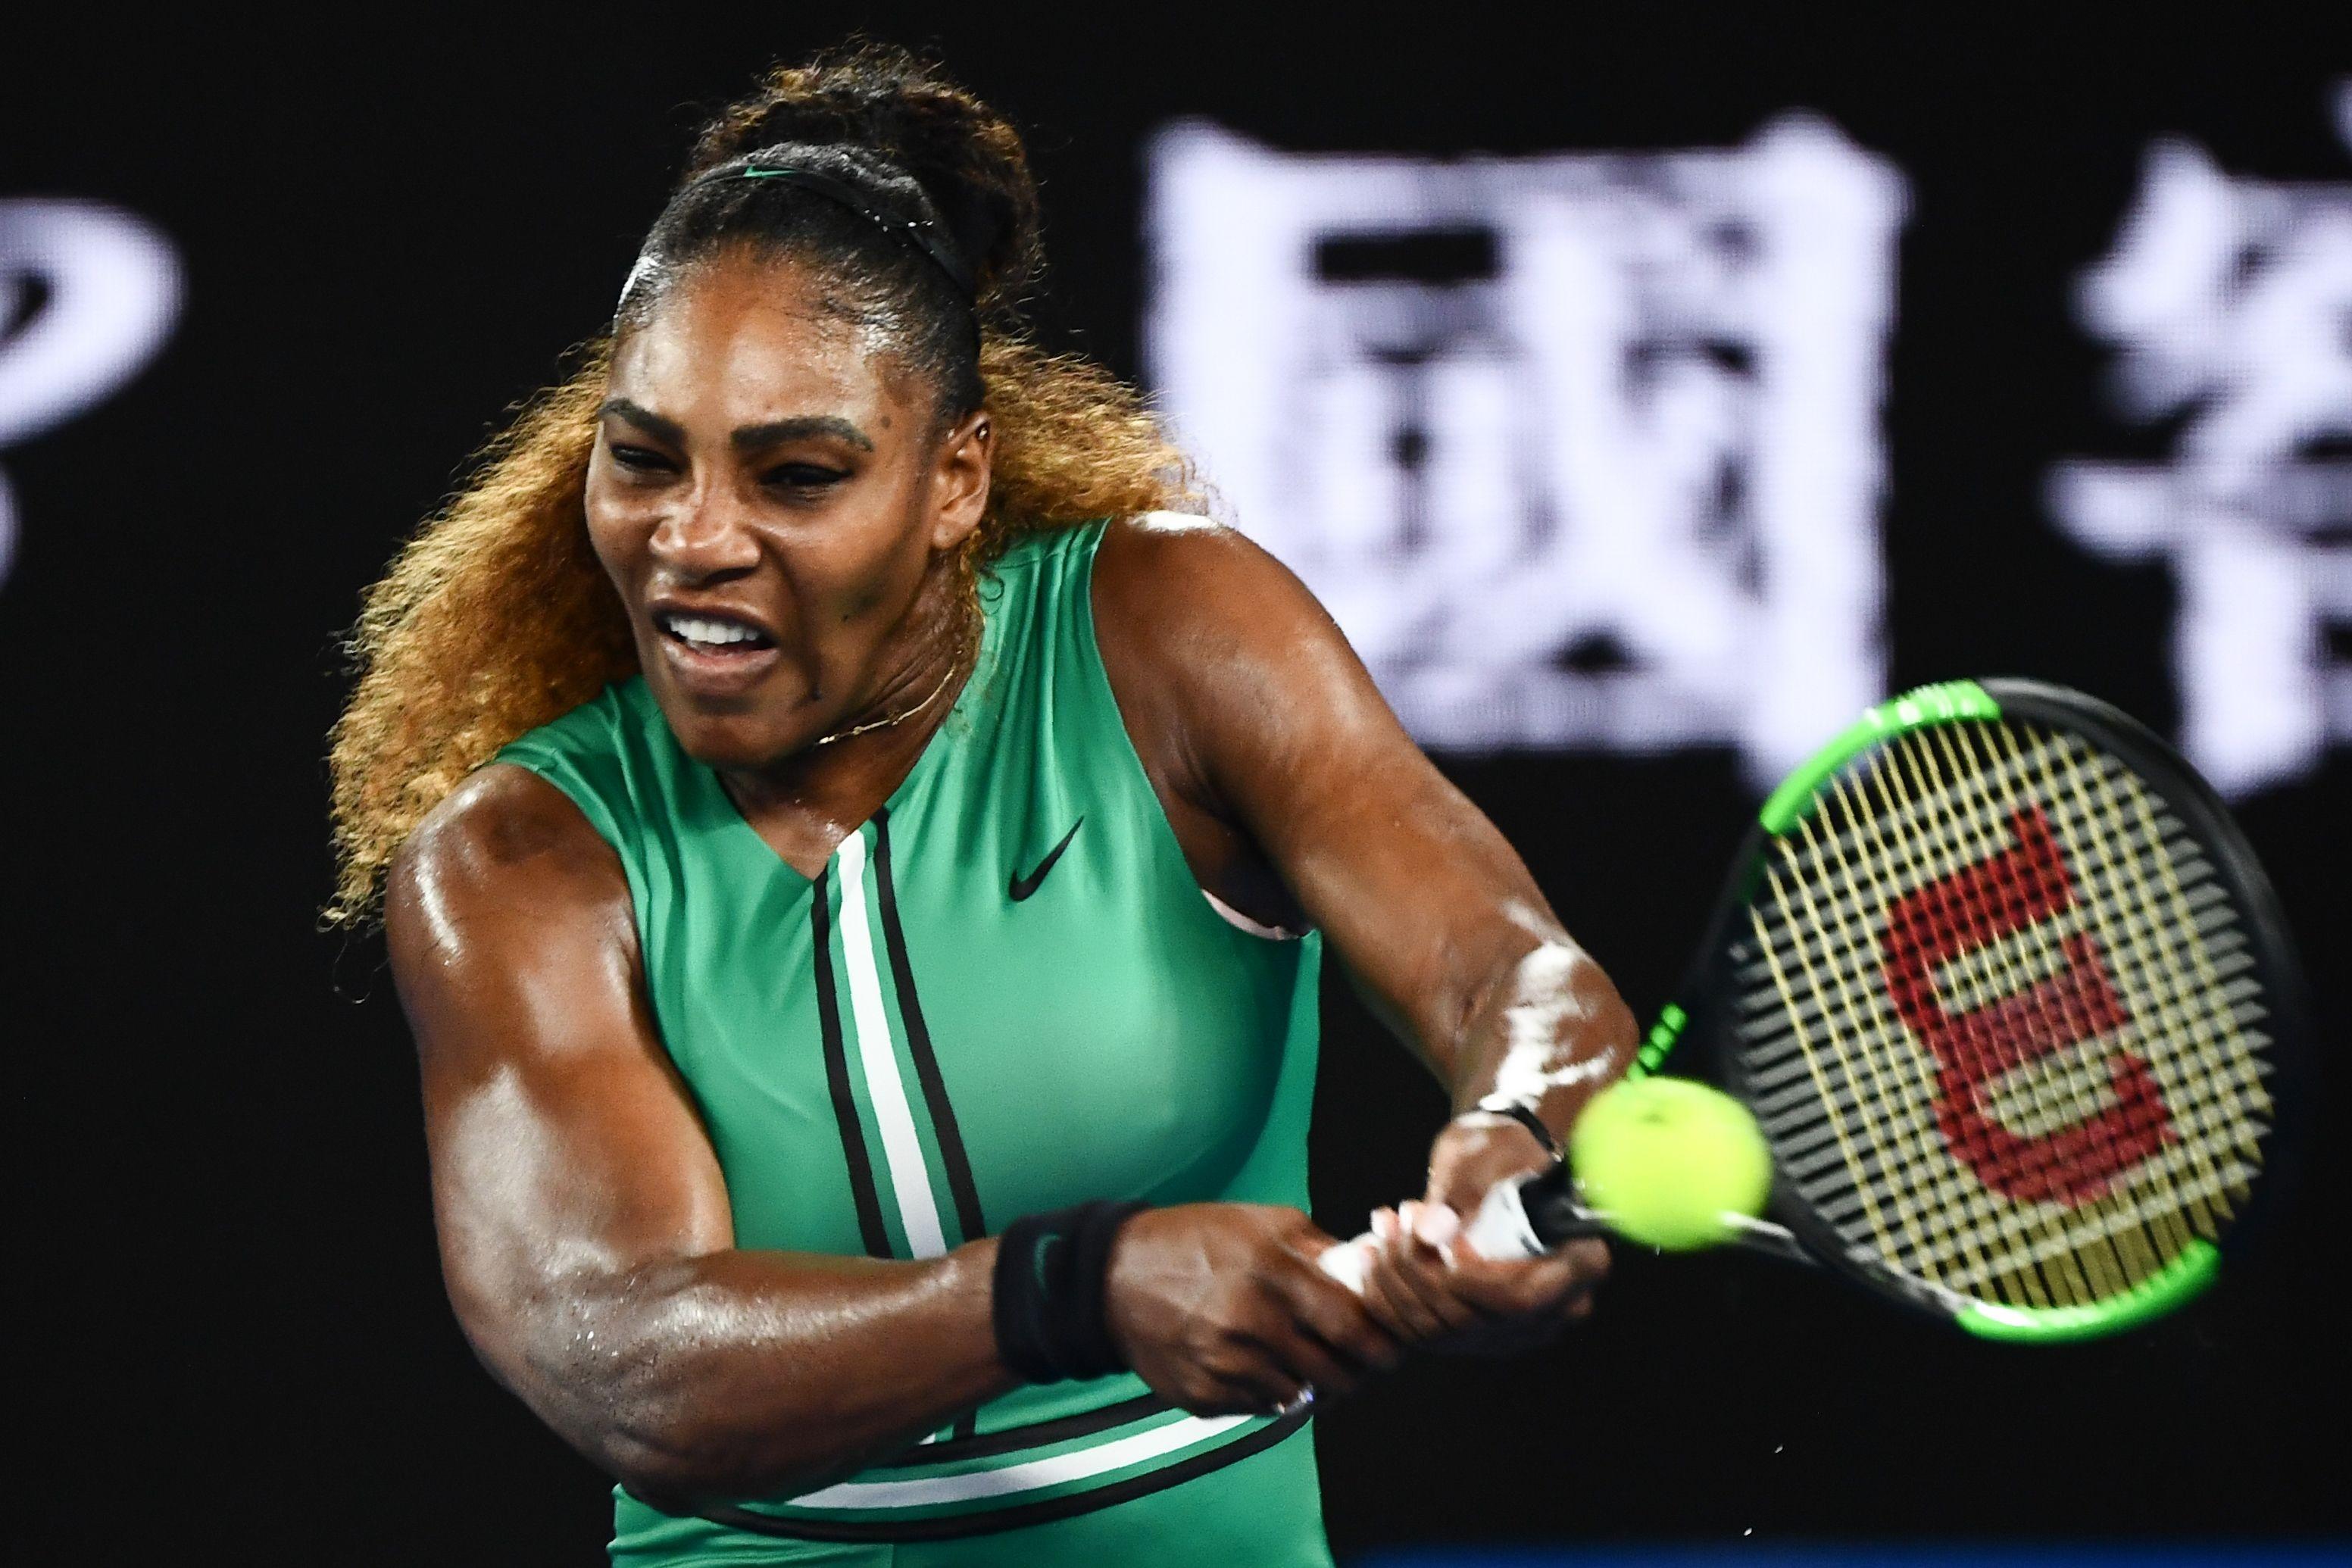 Serena Williams devolve a bola na vitória sobre Bouchard